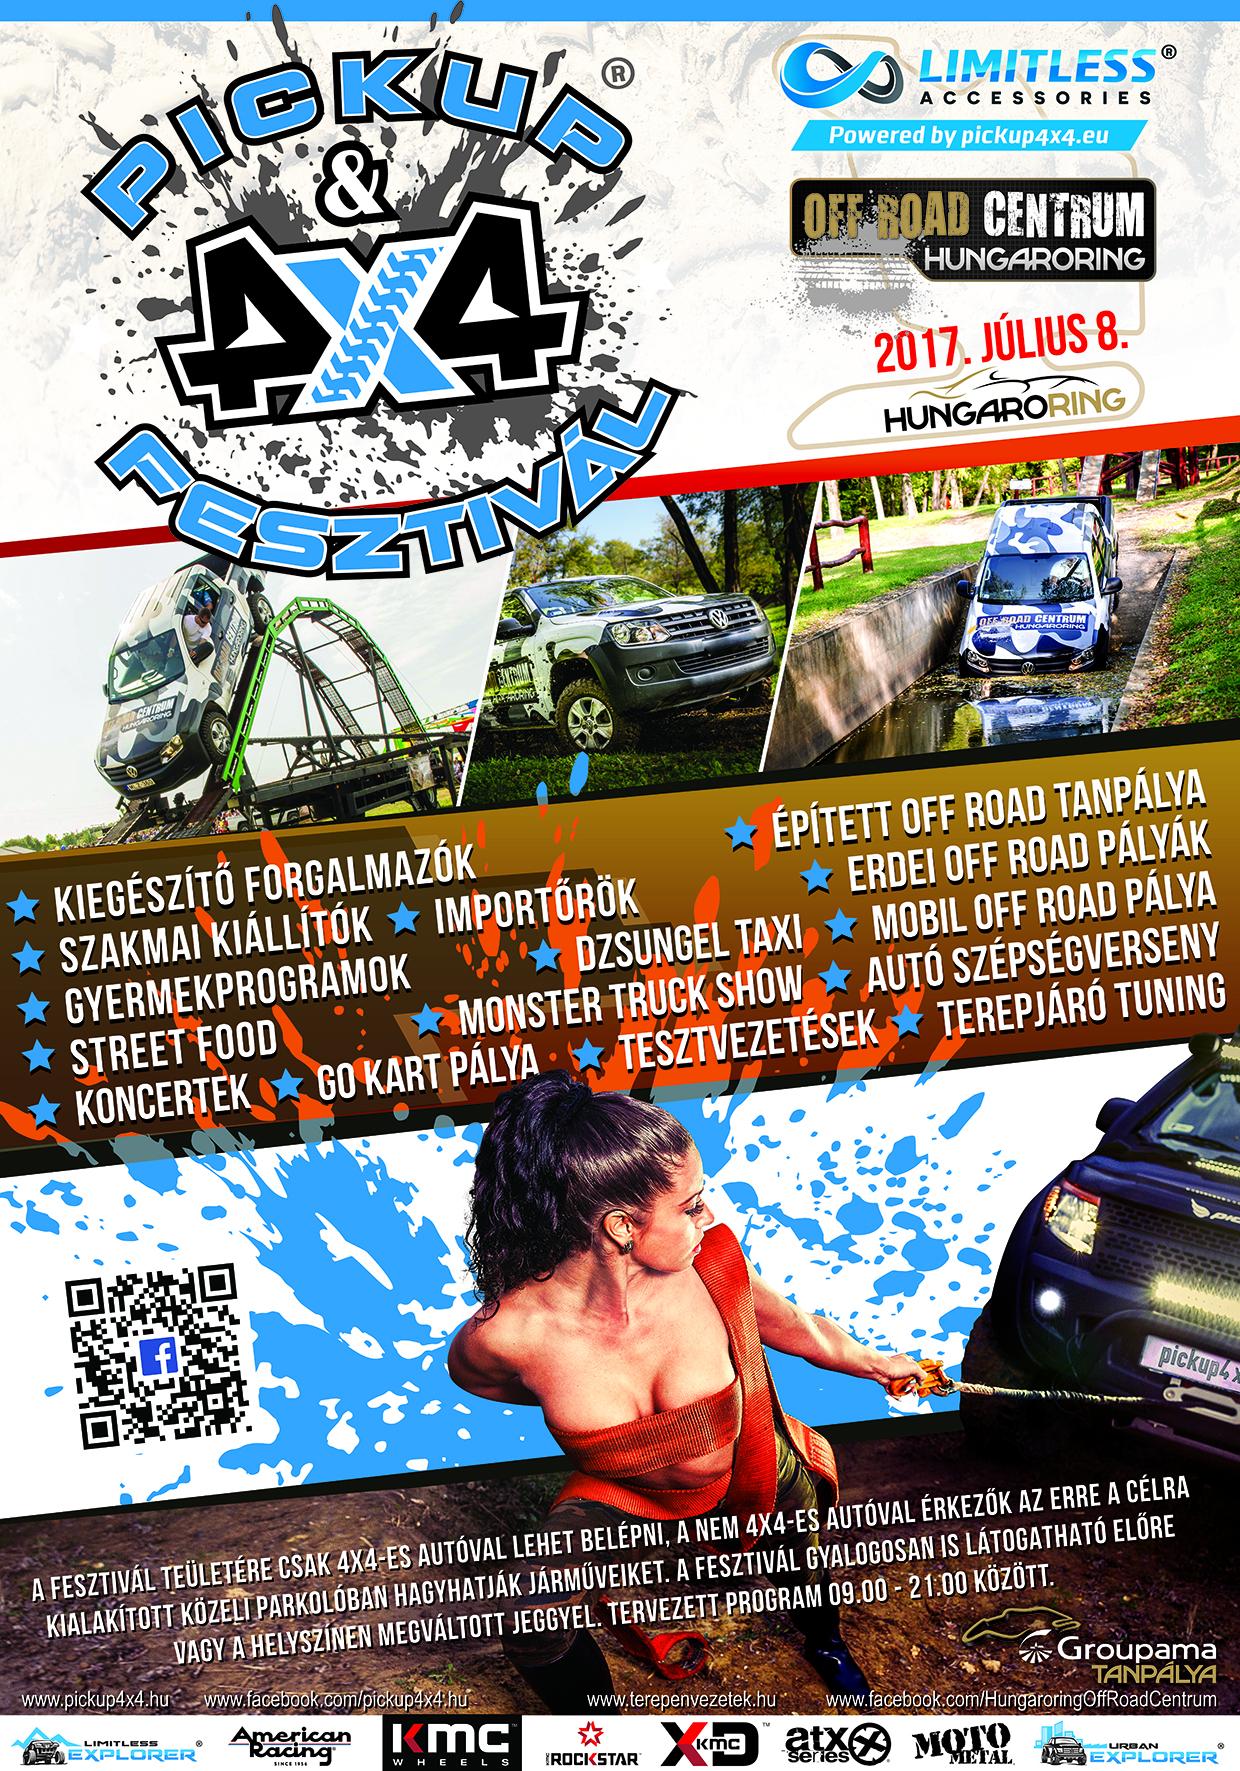 Pickup4x4 fesztival